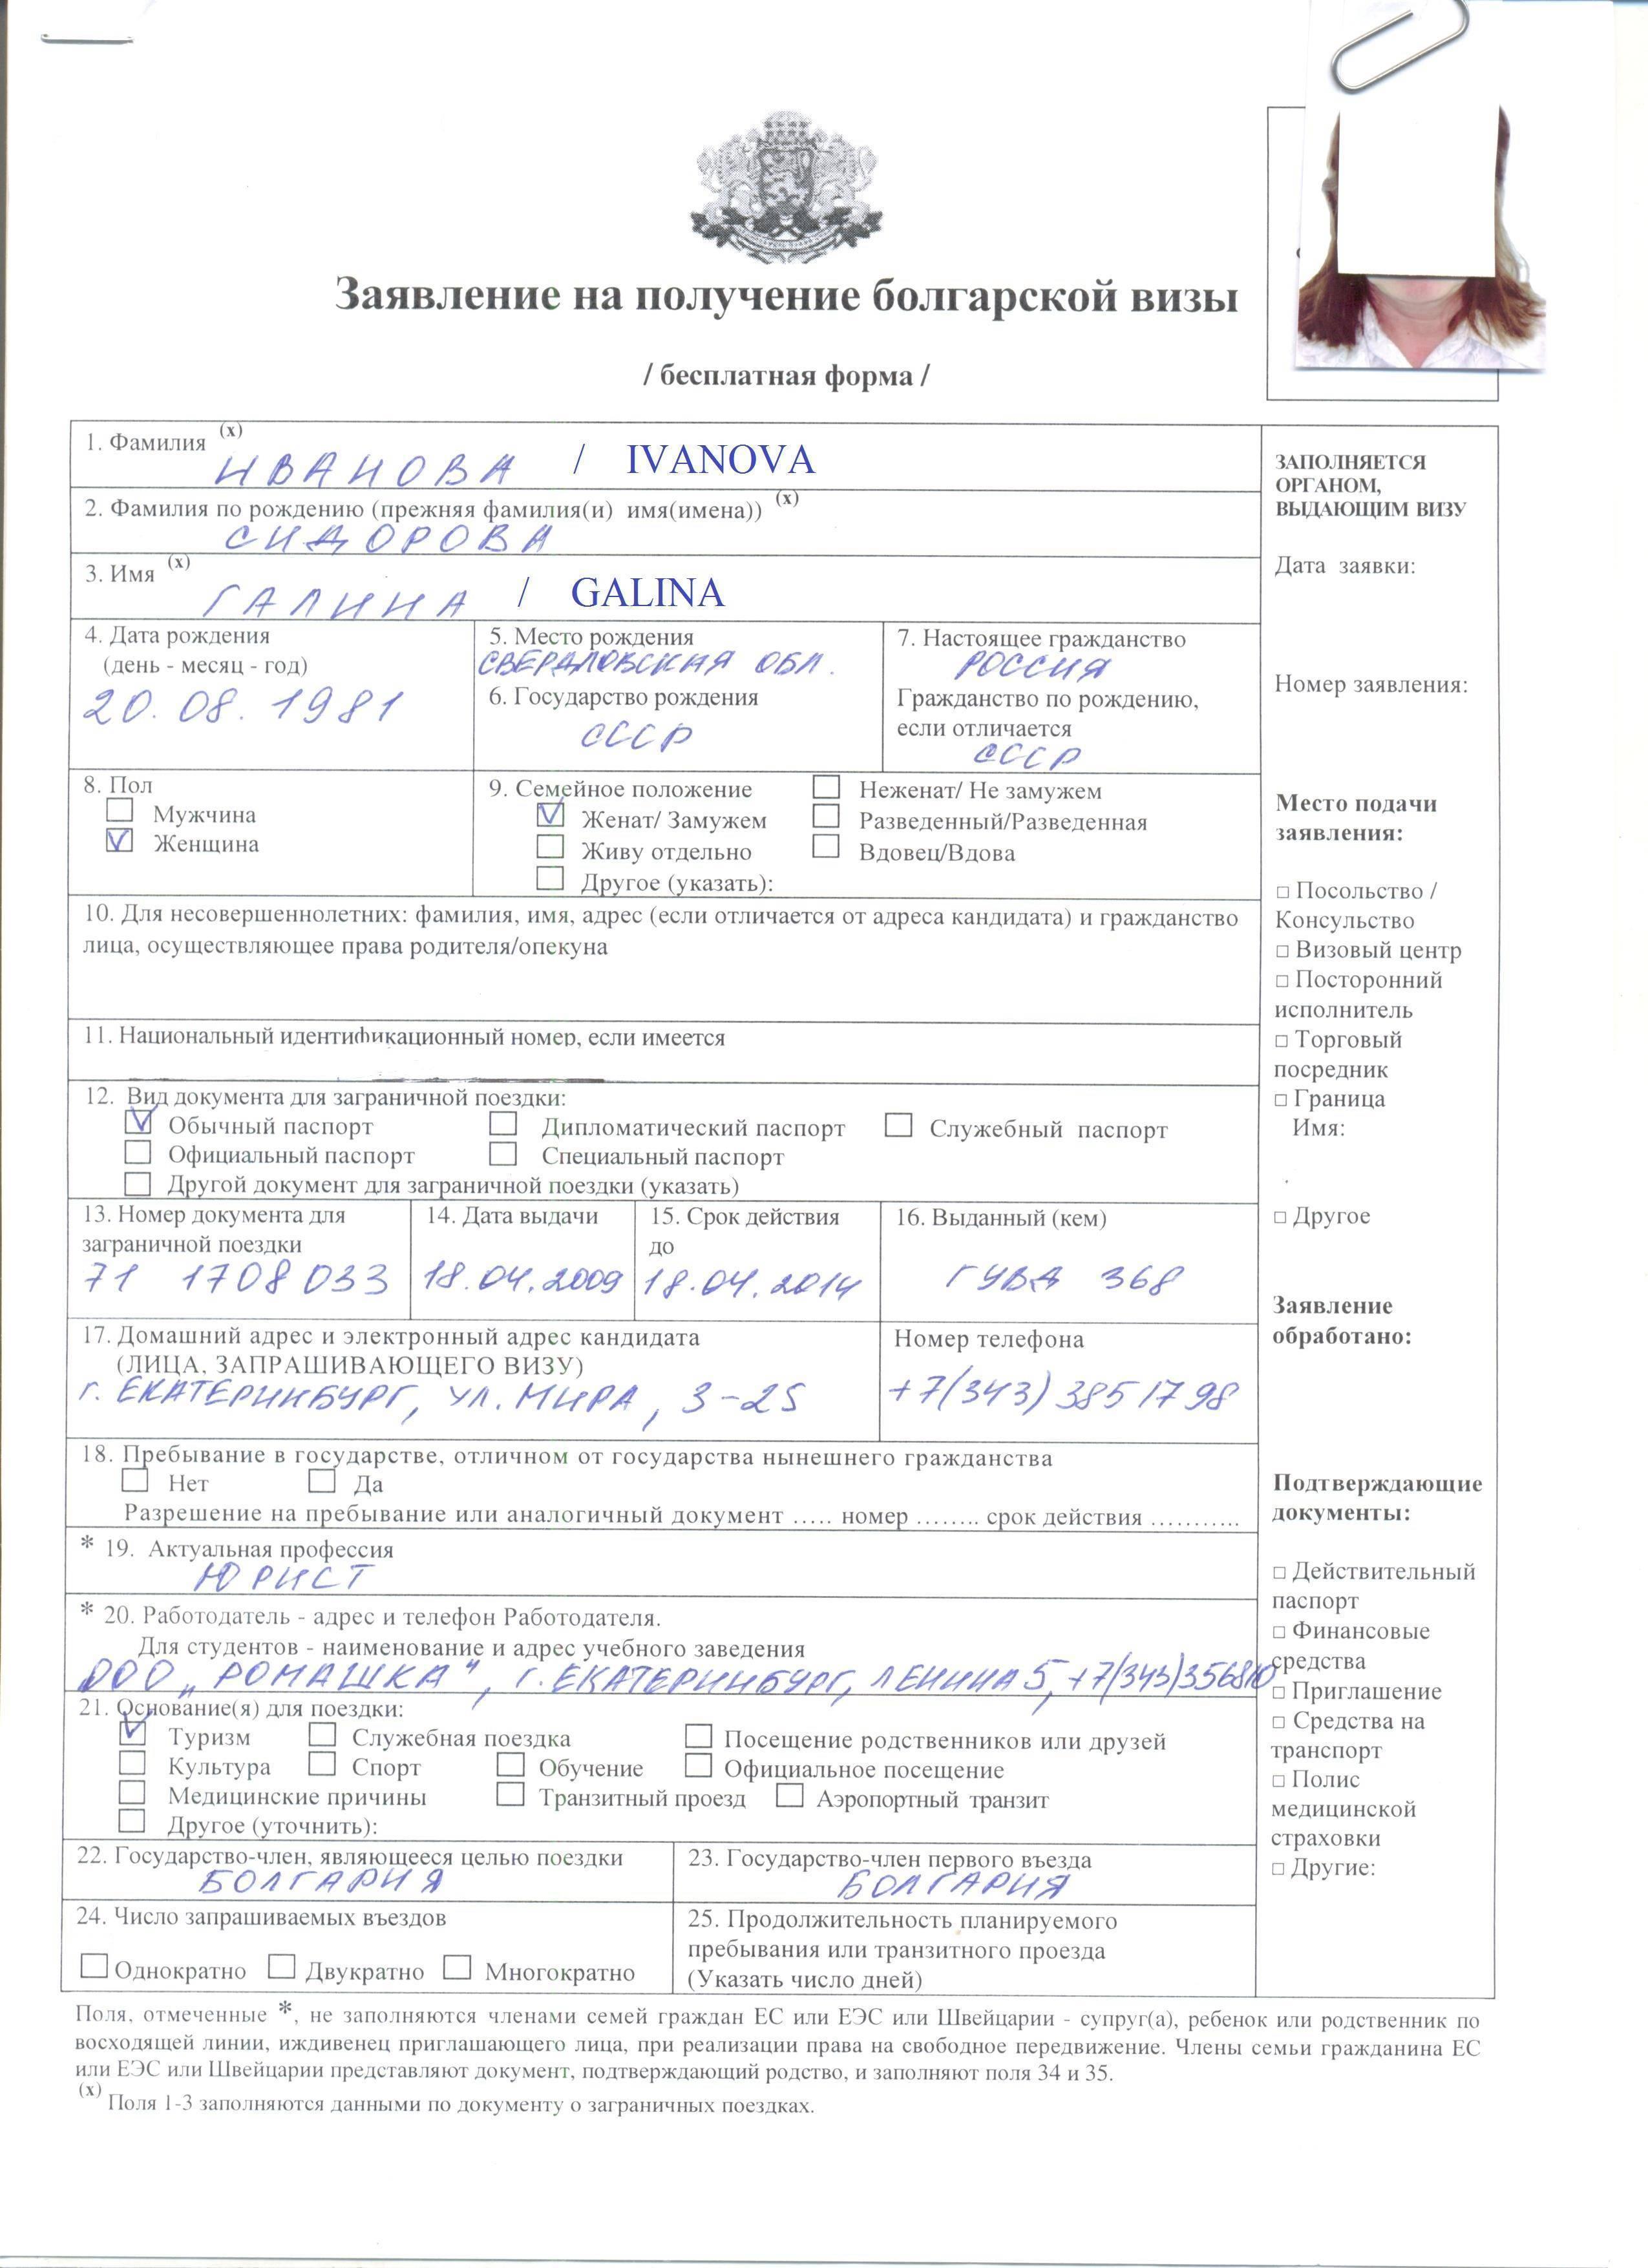 Пример заполнения анкеты на шенген в 2021 году: как заполнить анкету на визу